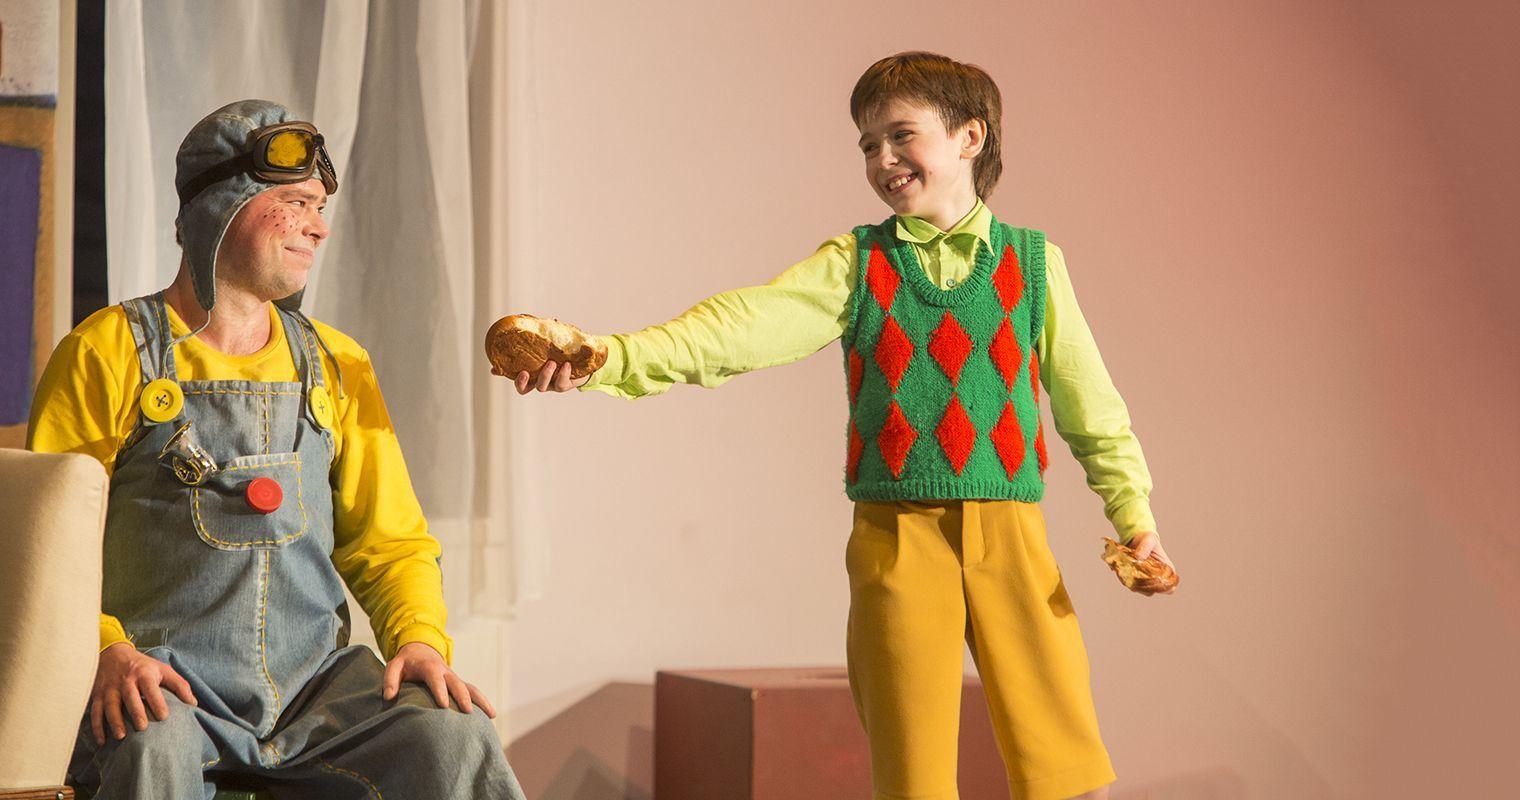 Астрид Линдгрен. Малыш и Карлсон - фото 15